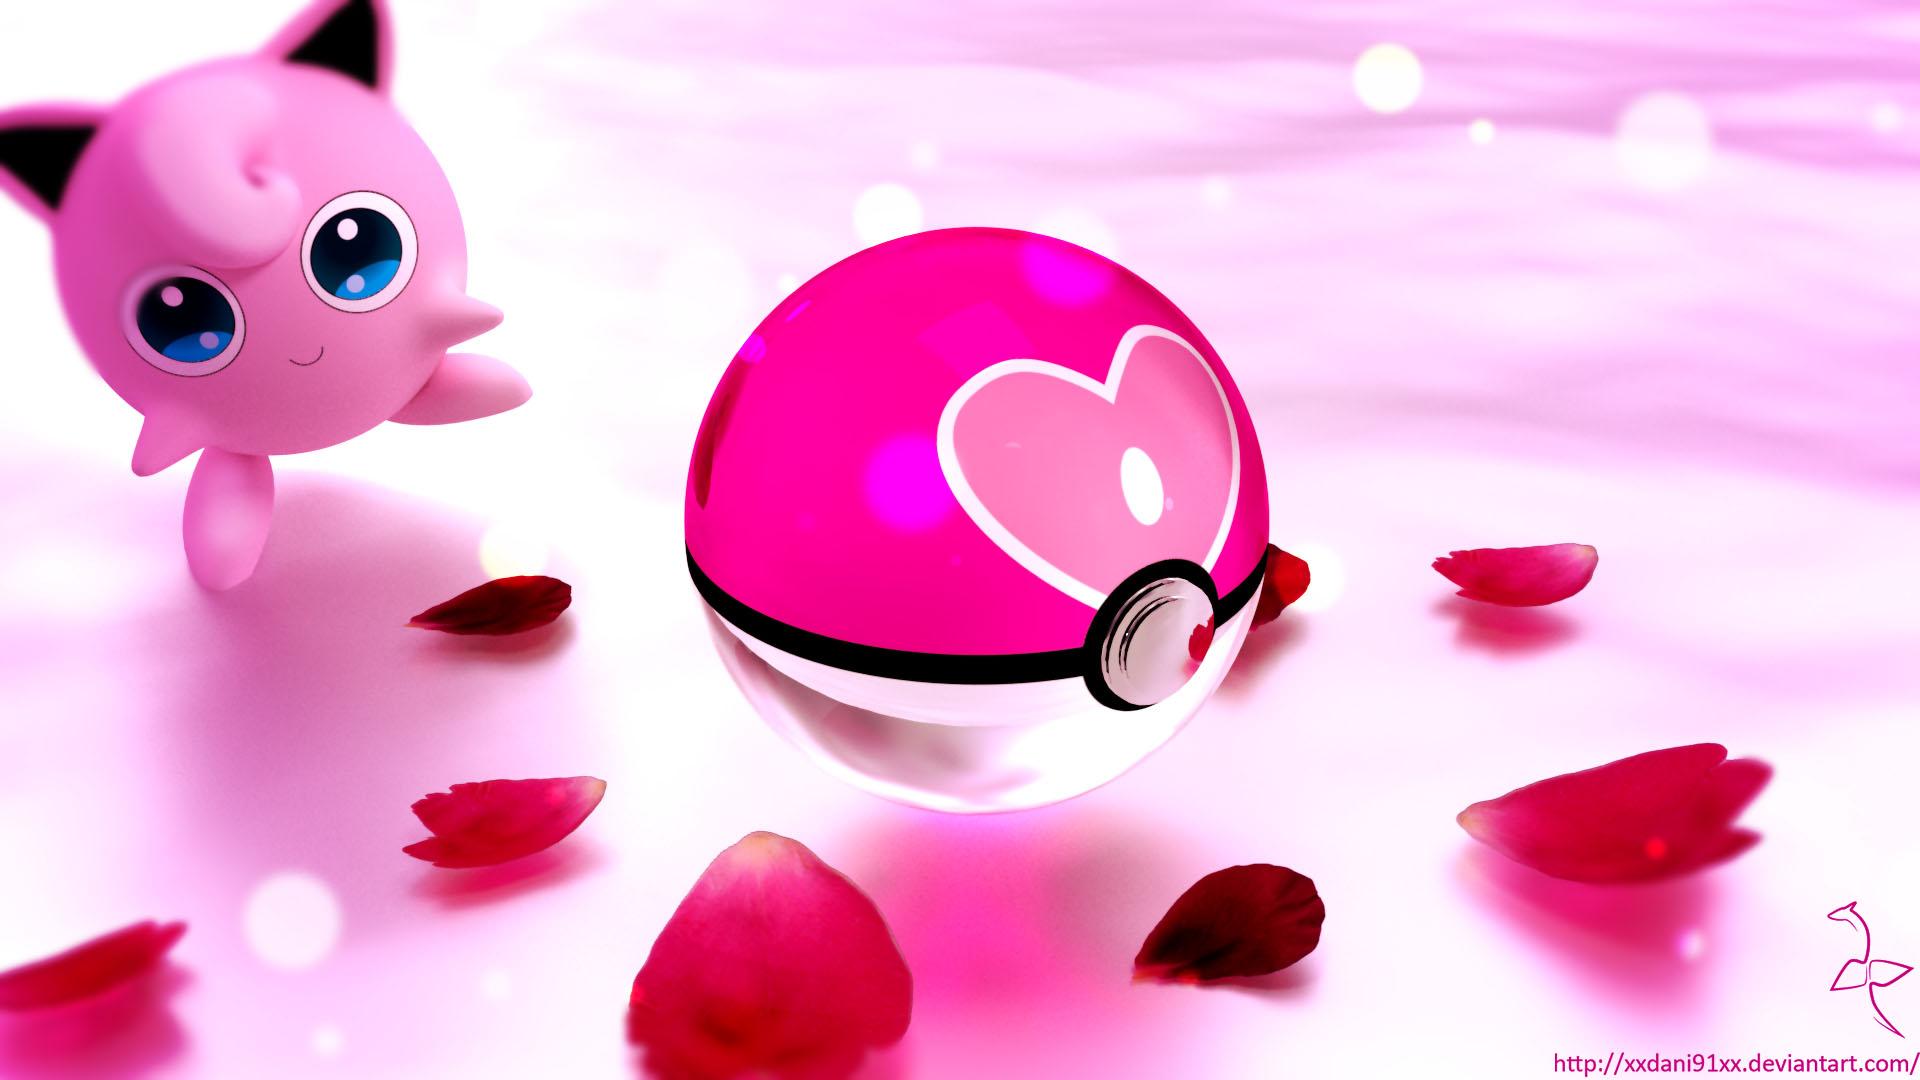 Loveball Wallpaper